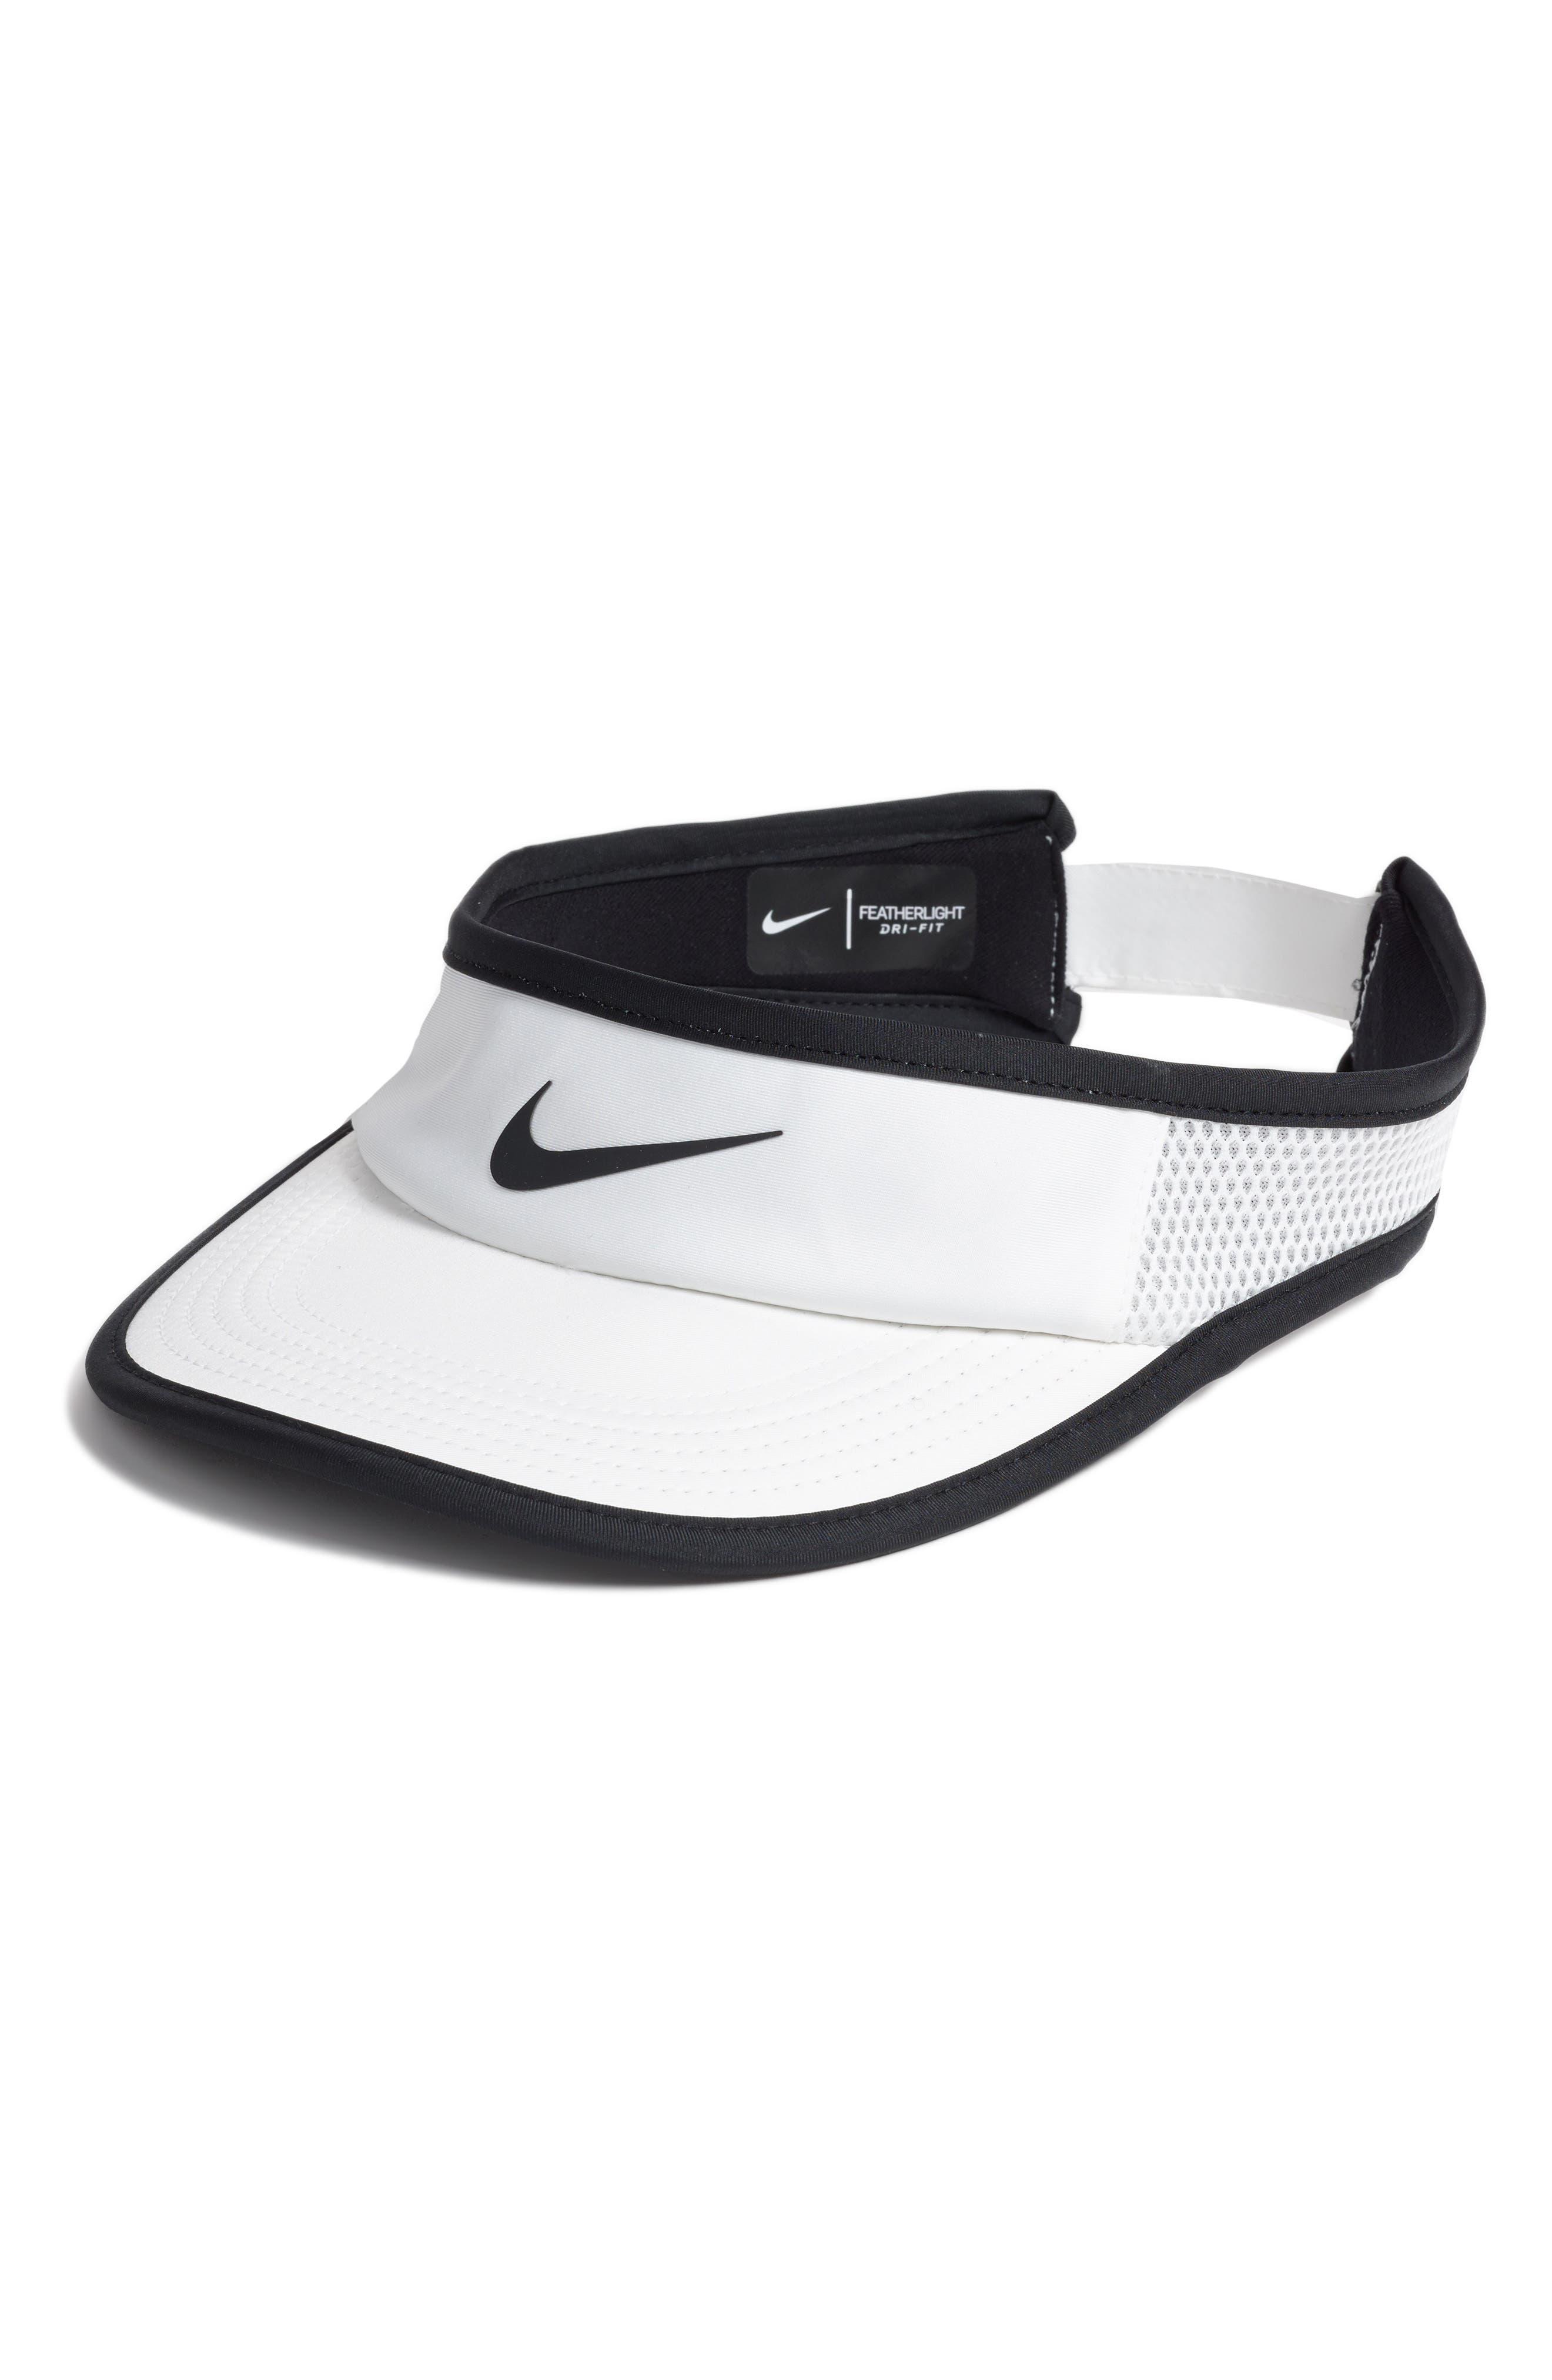 Court AeroBill Tennis Visor,                         Main,                         color, White/ White/ Black/ Black